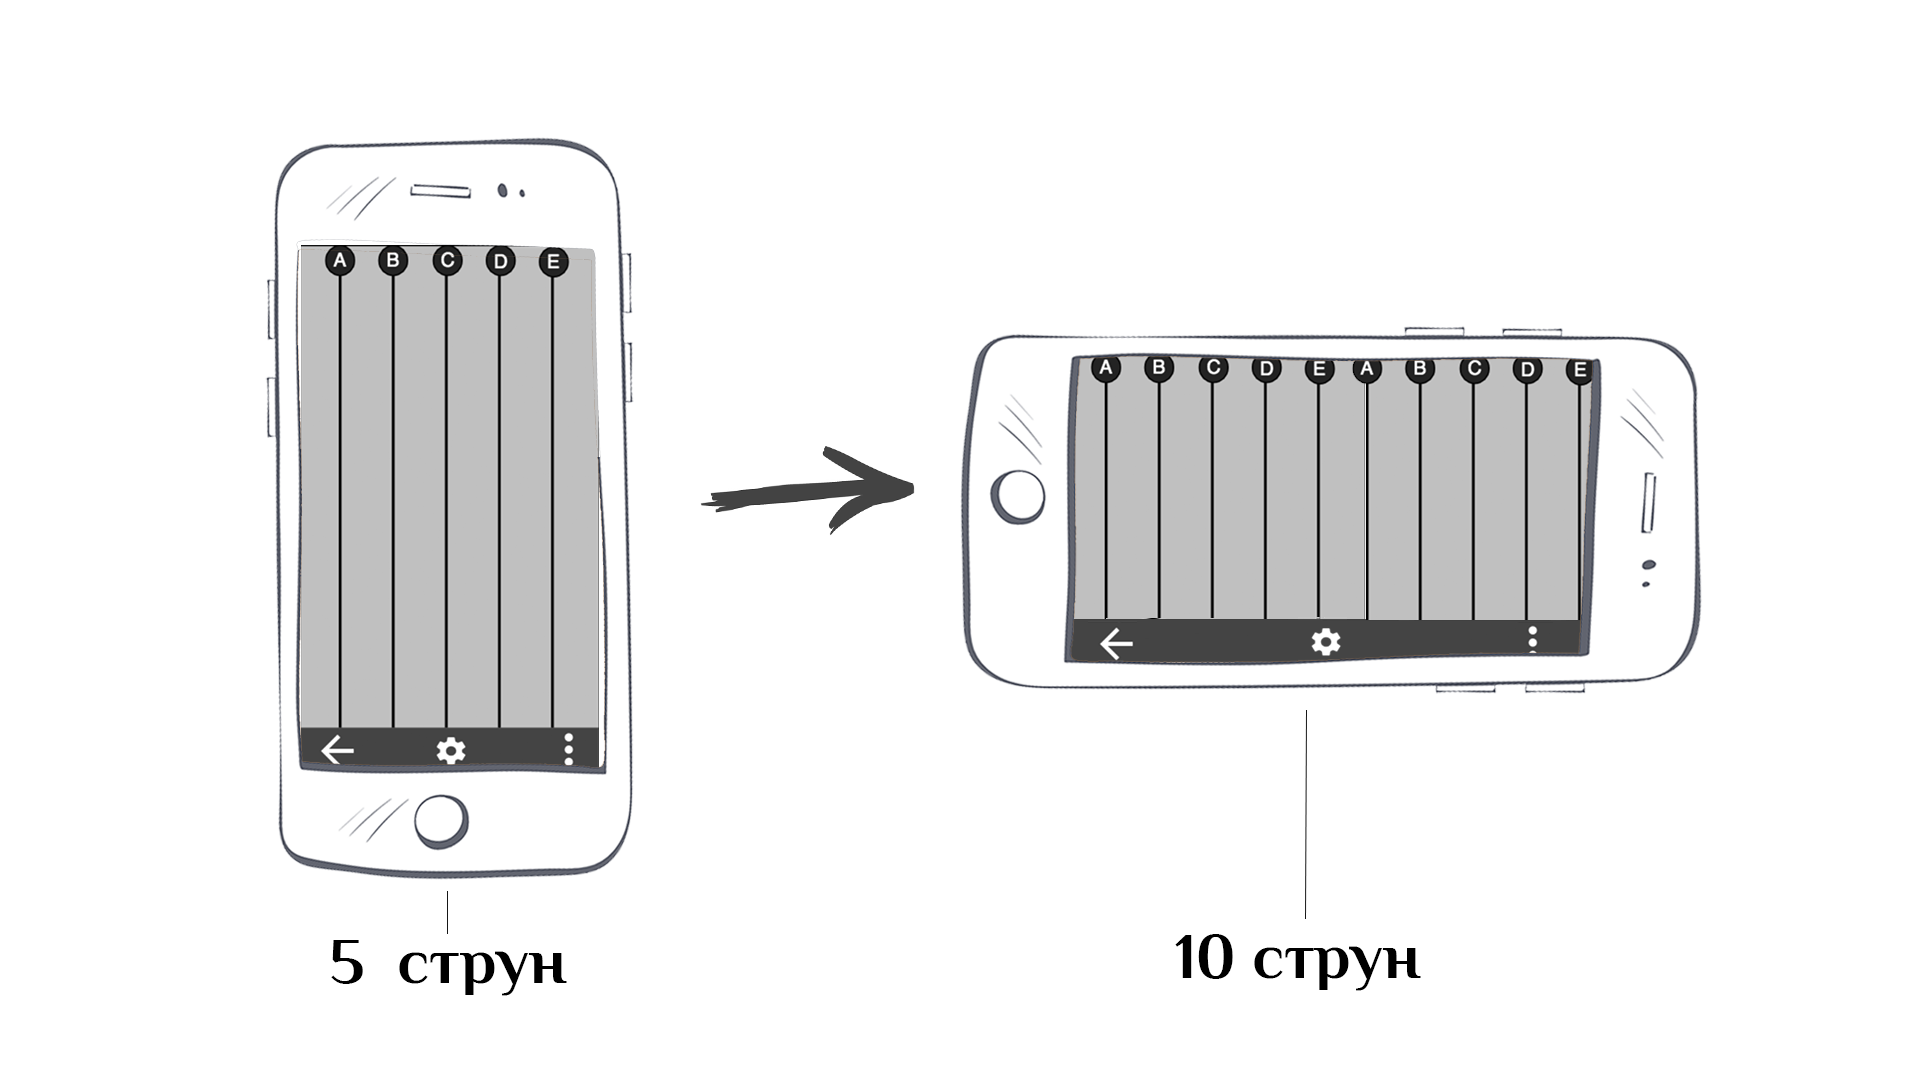 Bandura app Ukrainian app about bandura